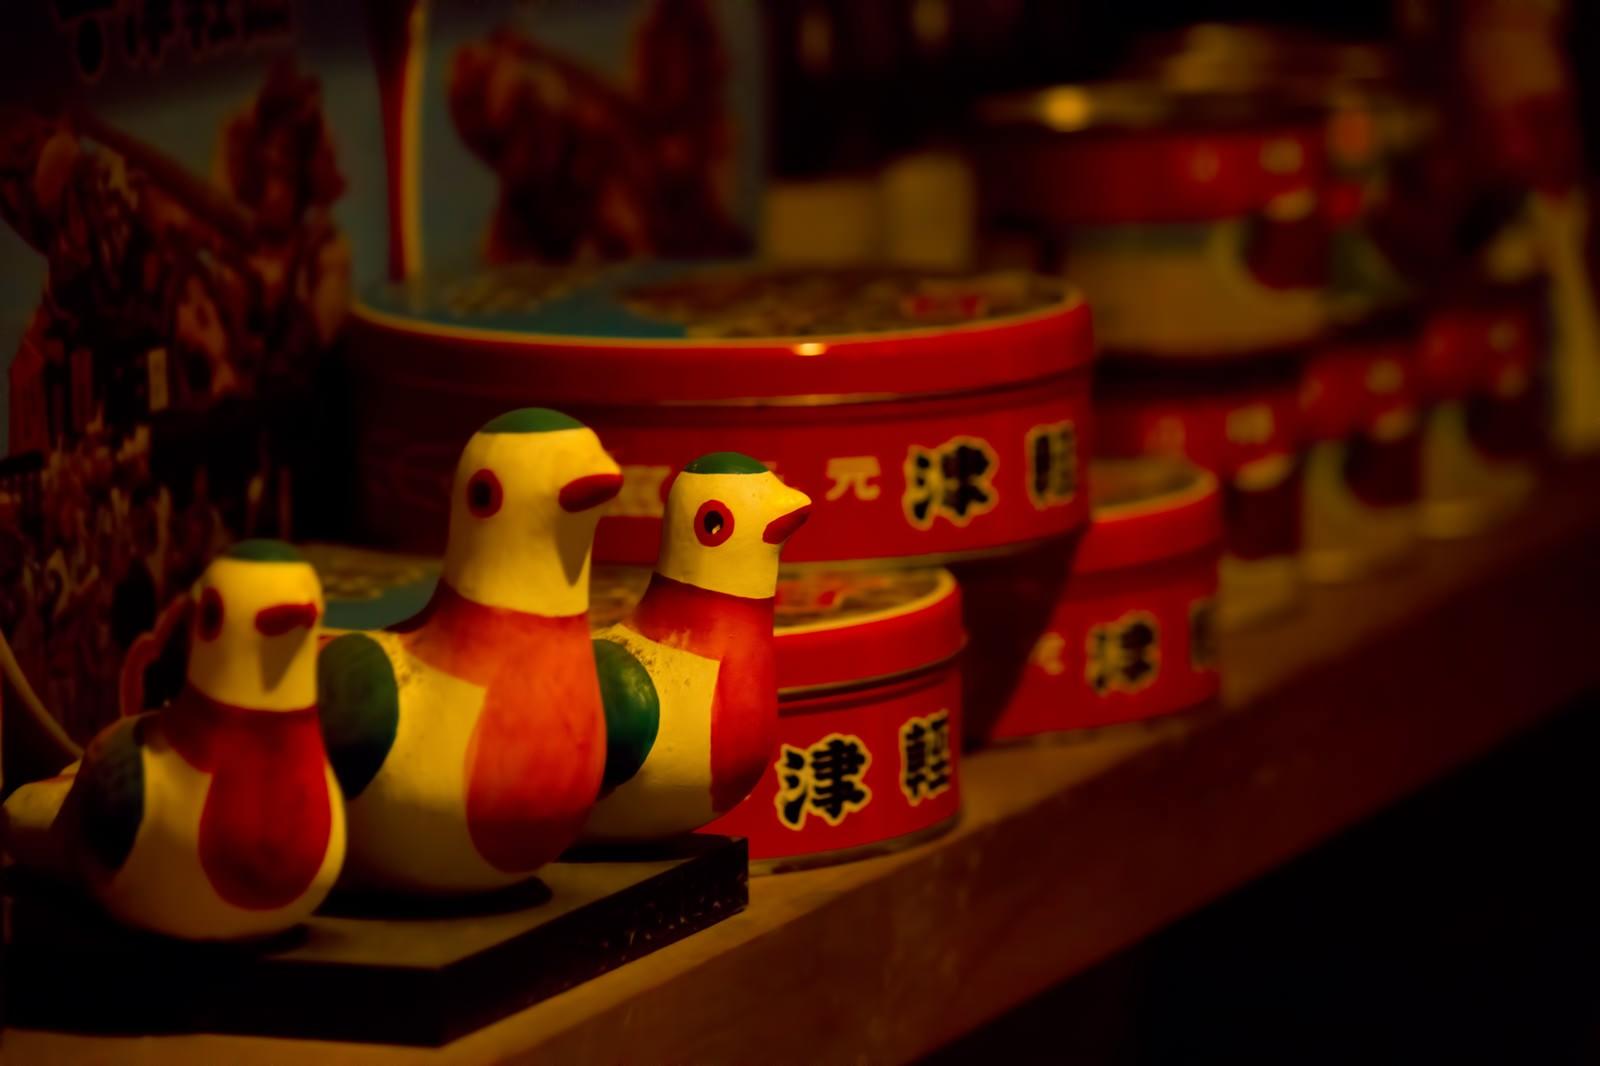 「古い津軽のお土産」の写真